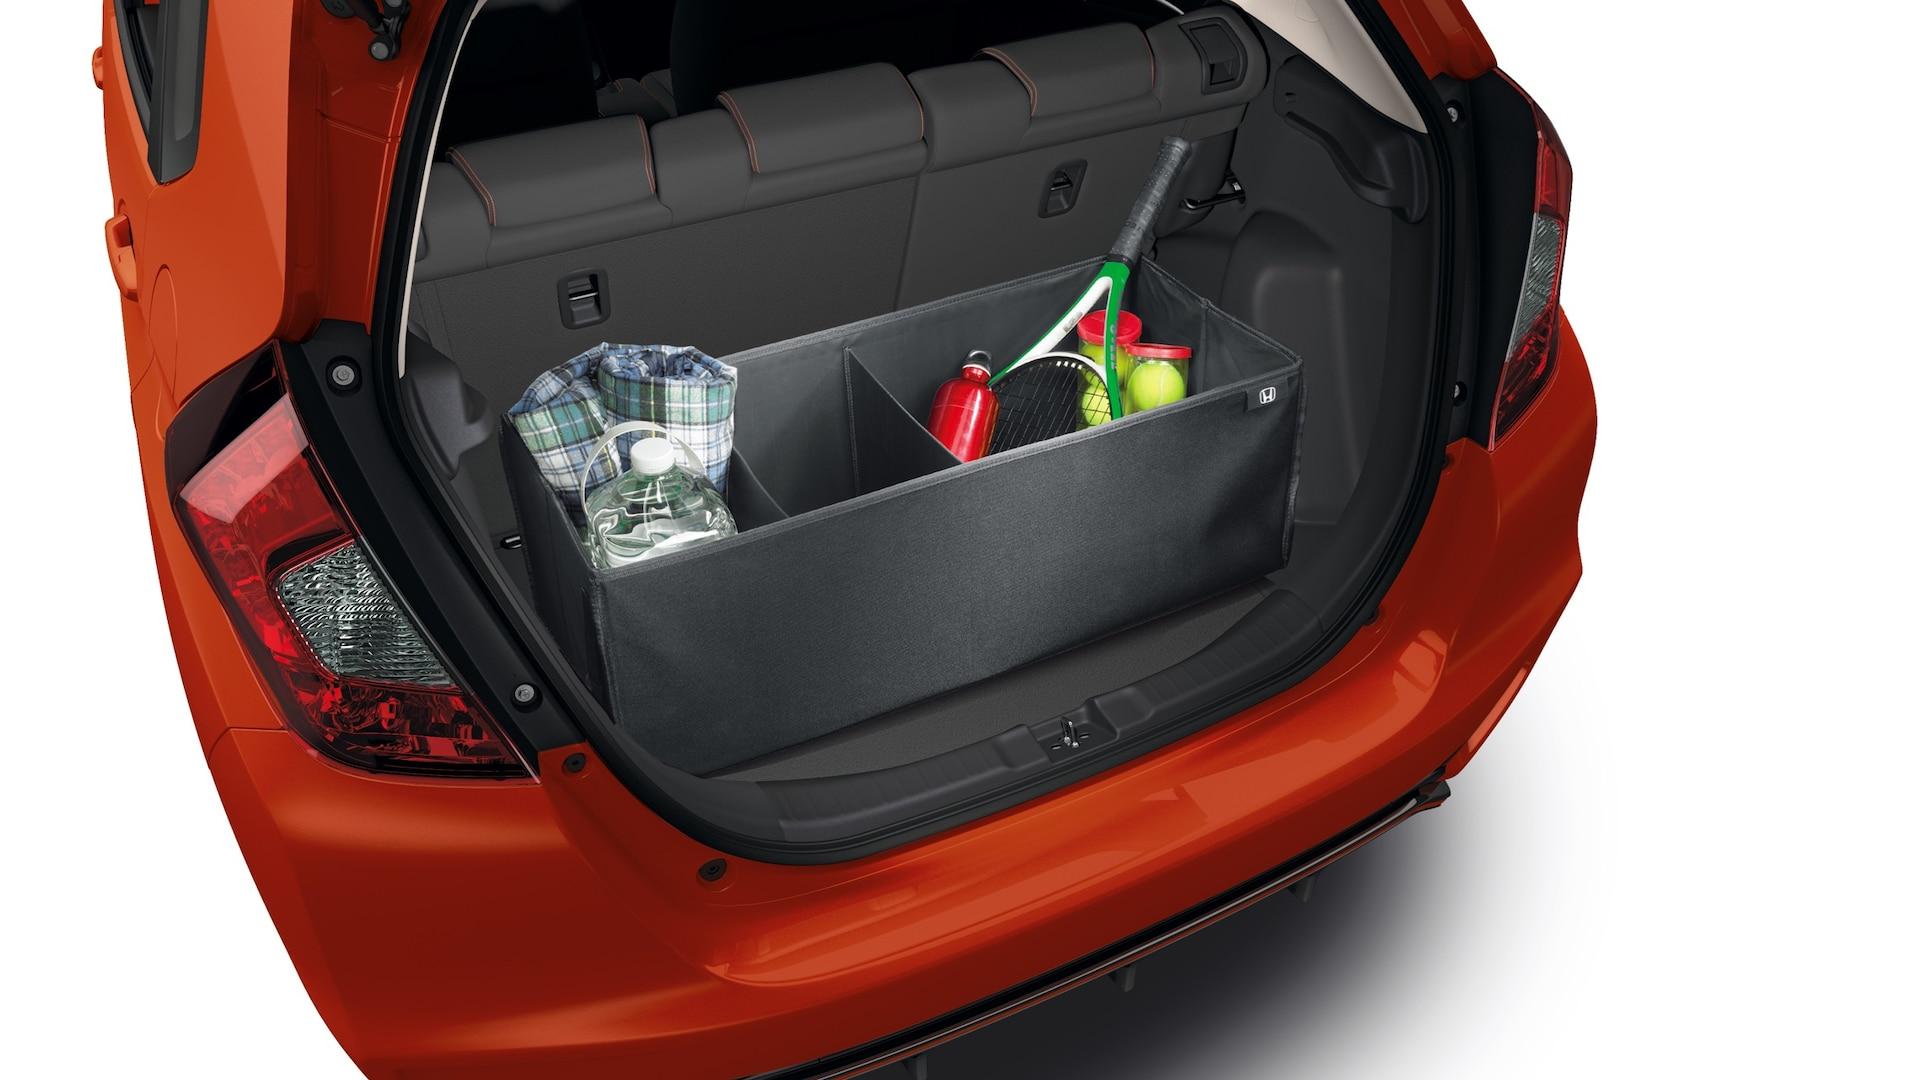 Vista interior trasera del detalle del organizador de carga del Honda Fit2020.